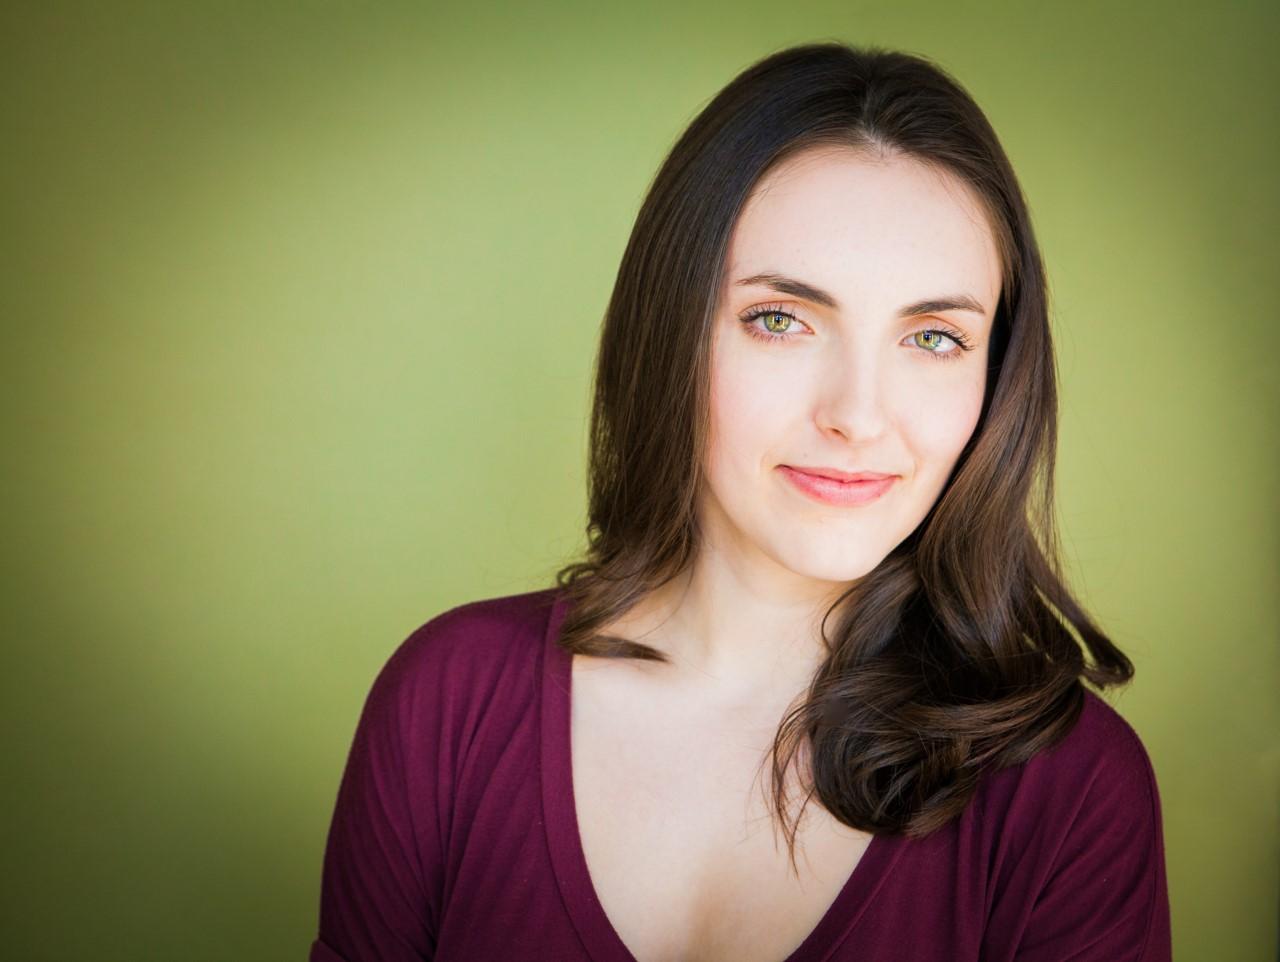 Kayla Farris